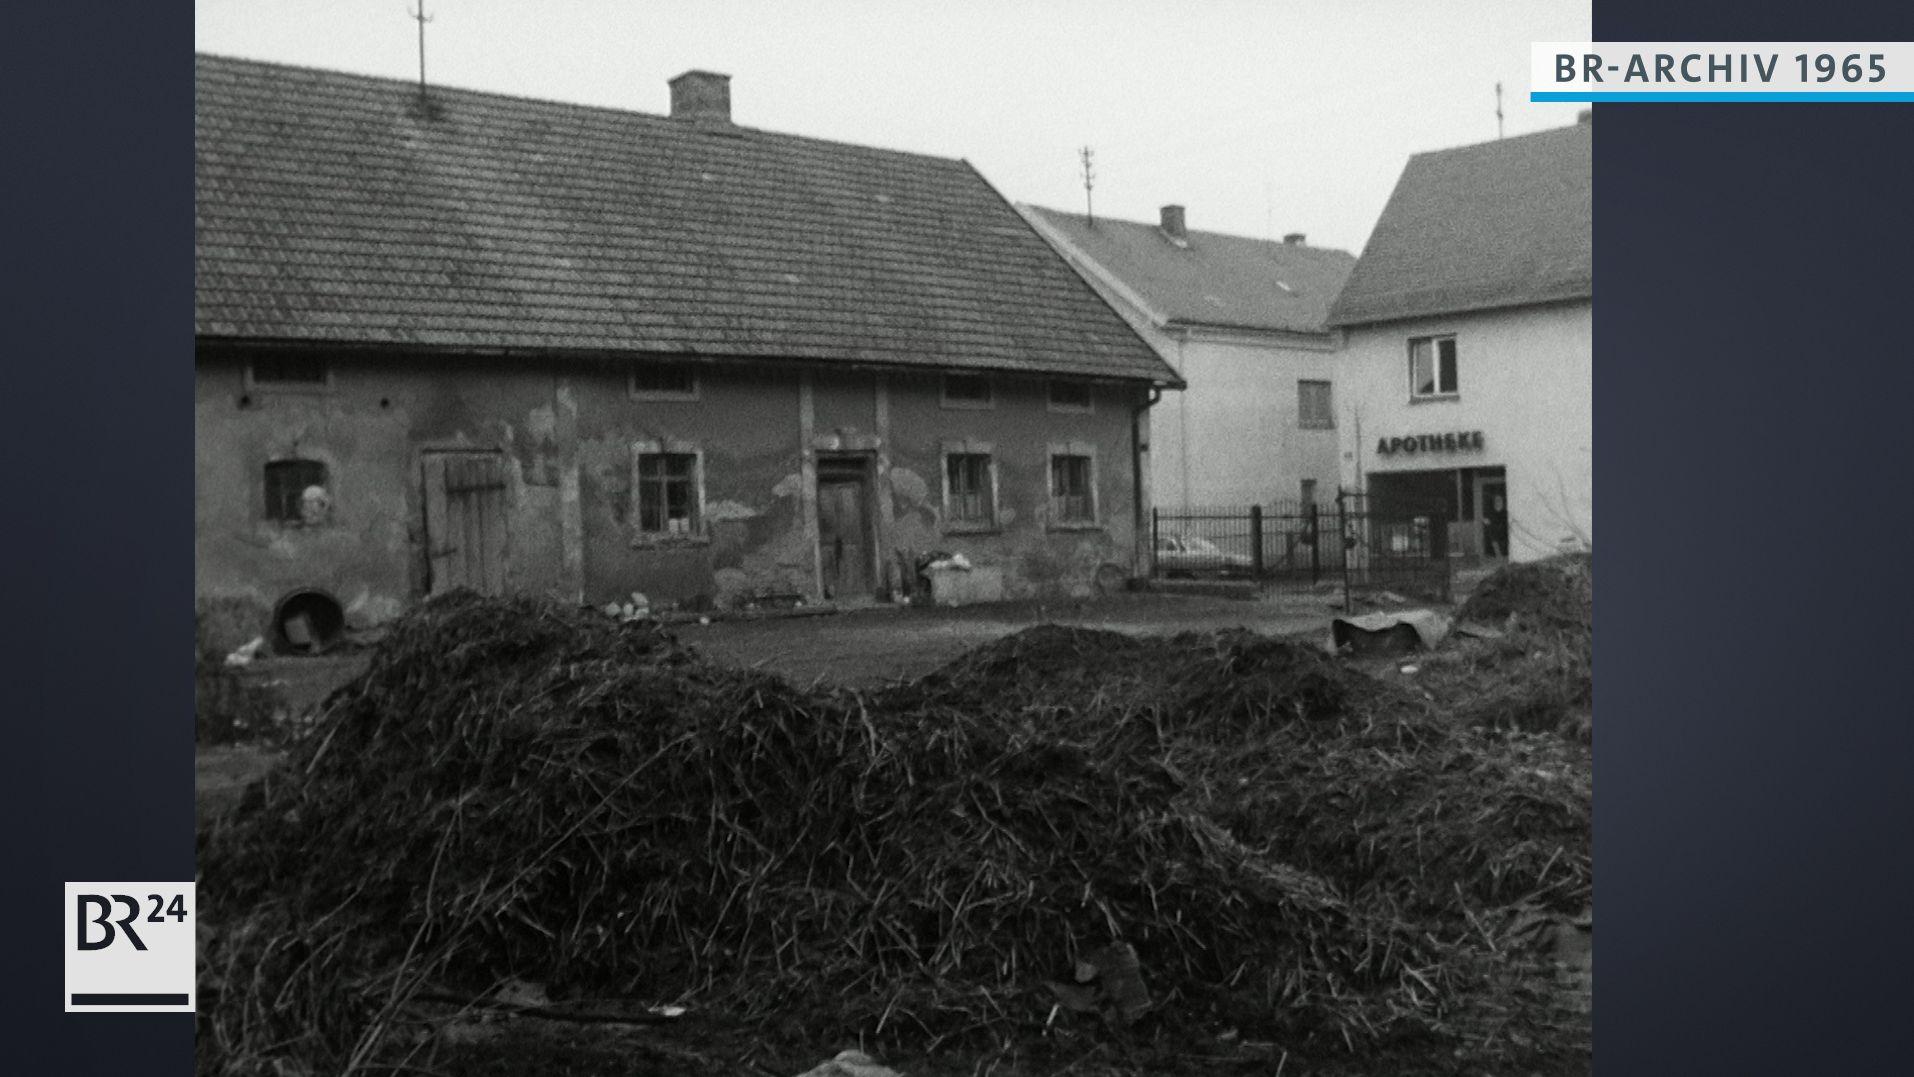 Bauernhof in Sünching